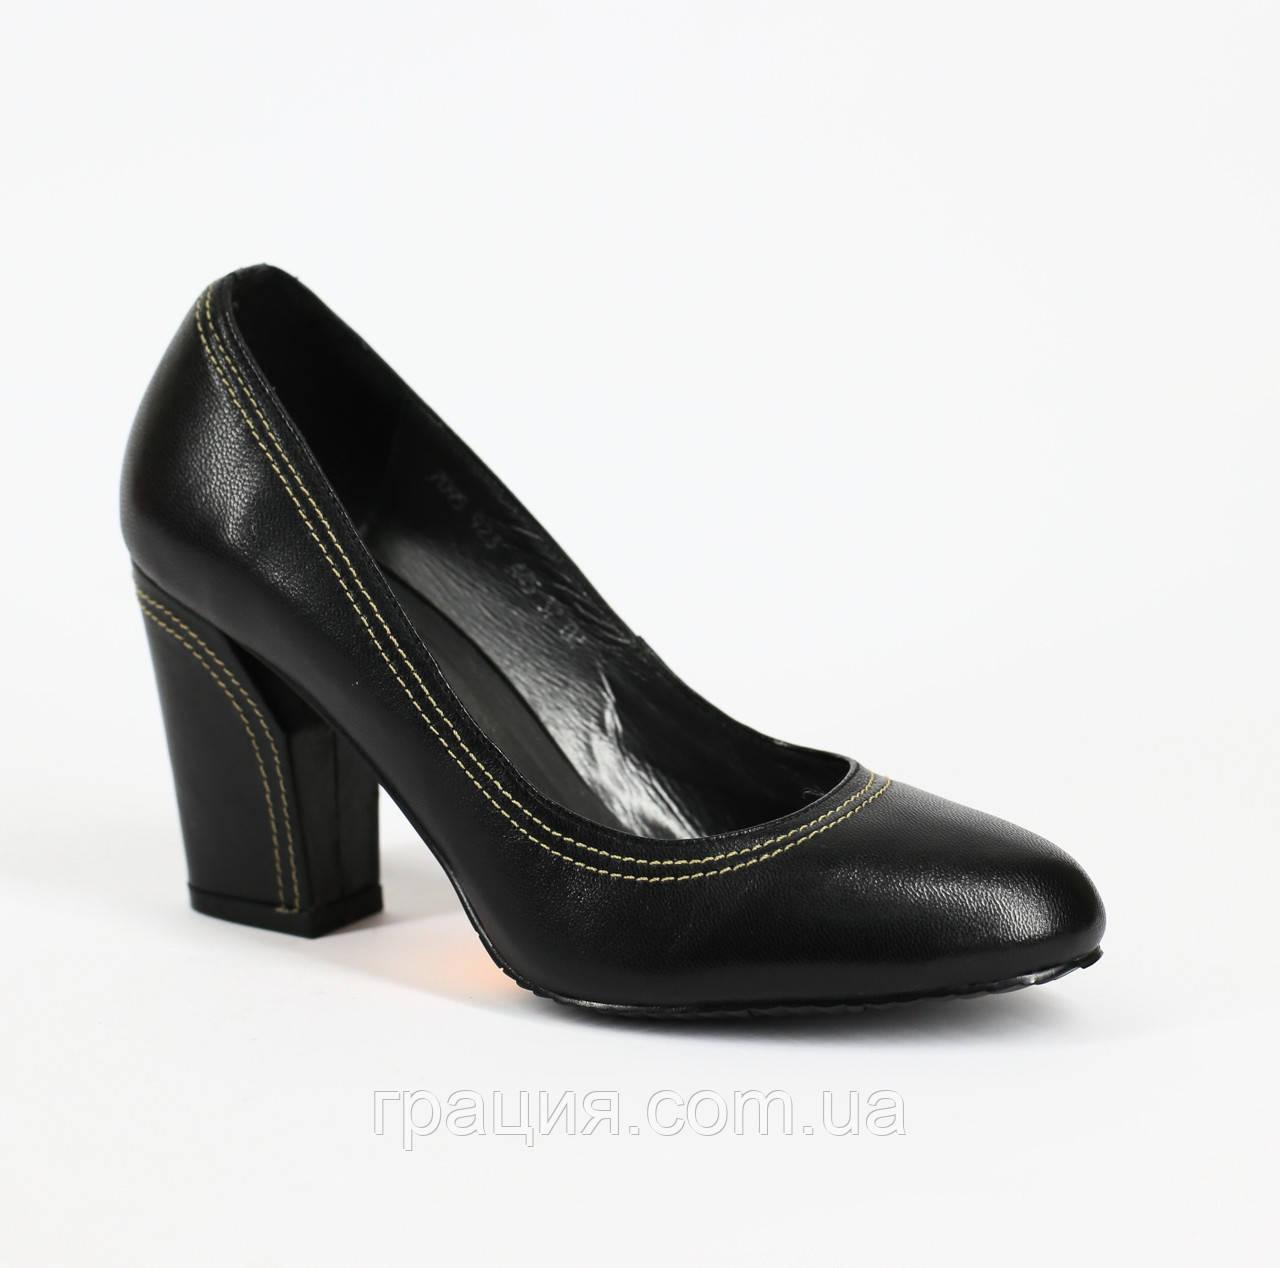 Жіночі туфлі з натуральної шкіри, на каблуці